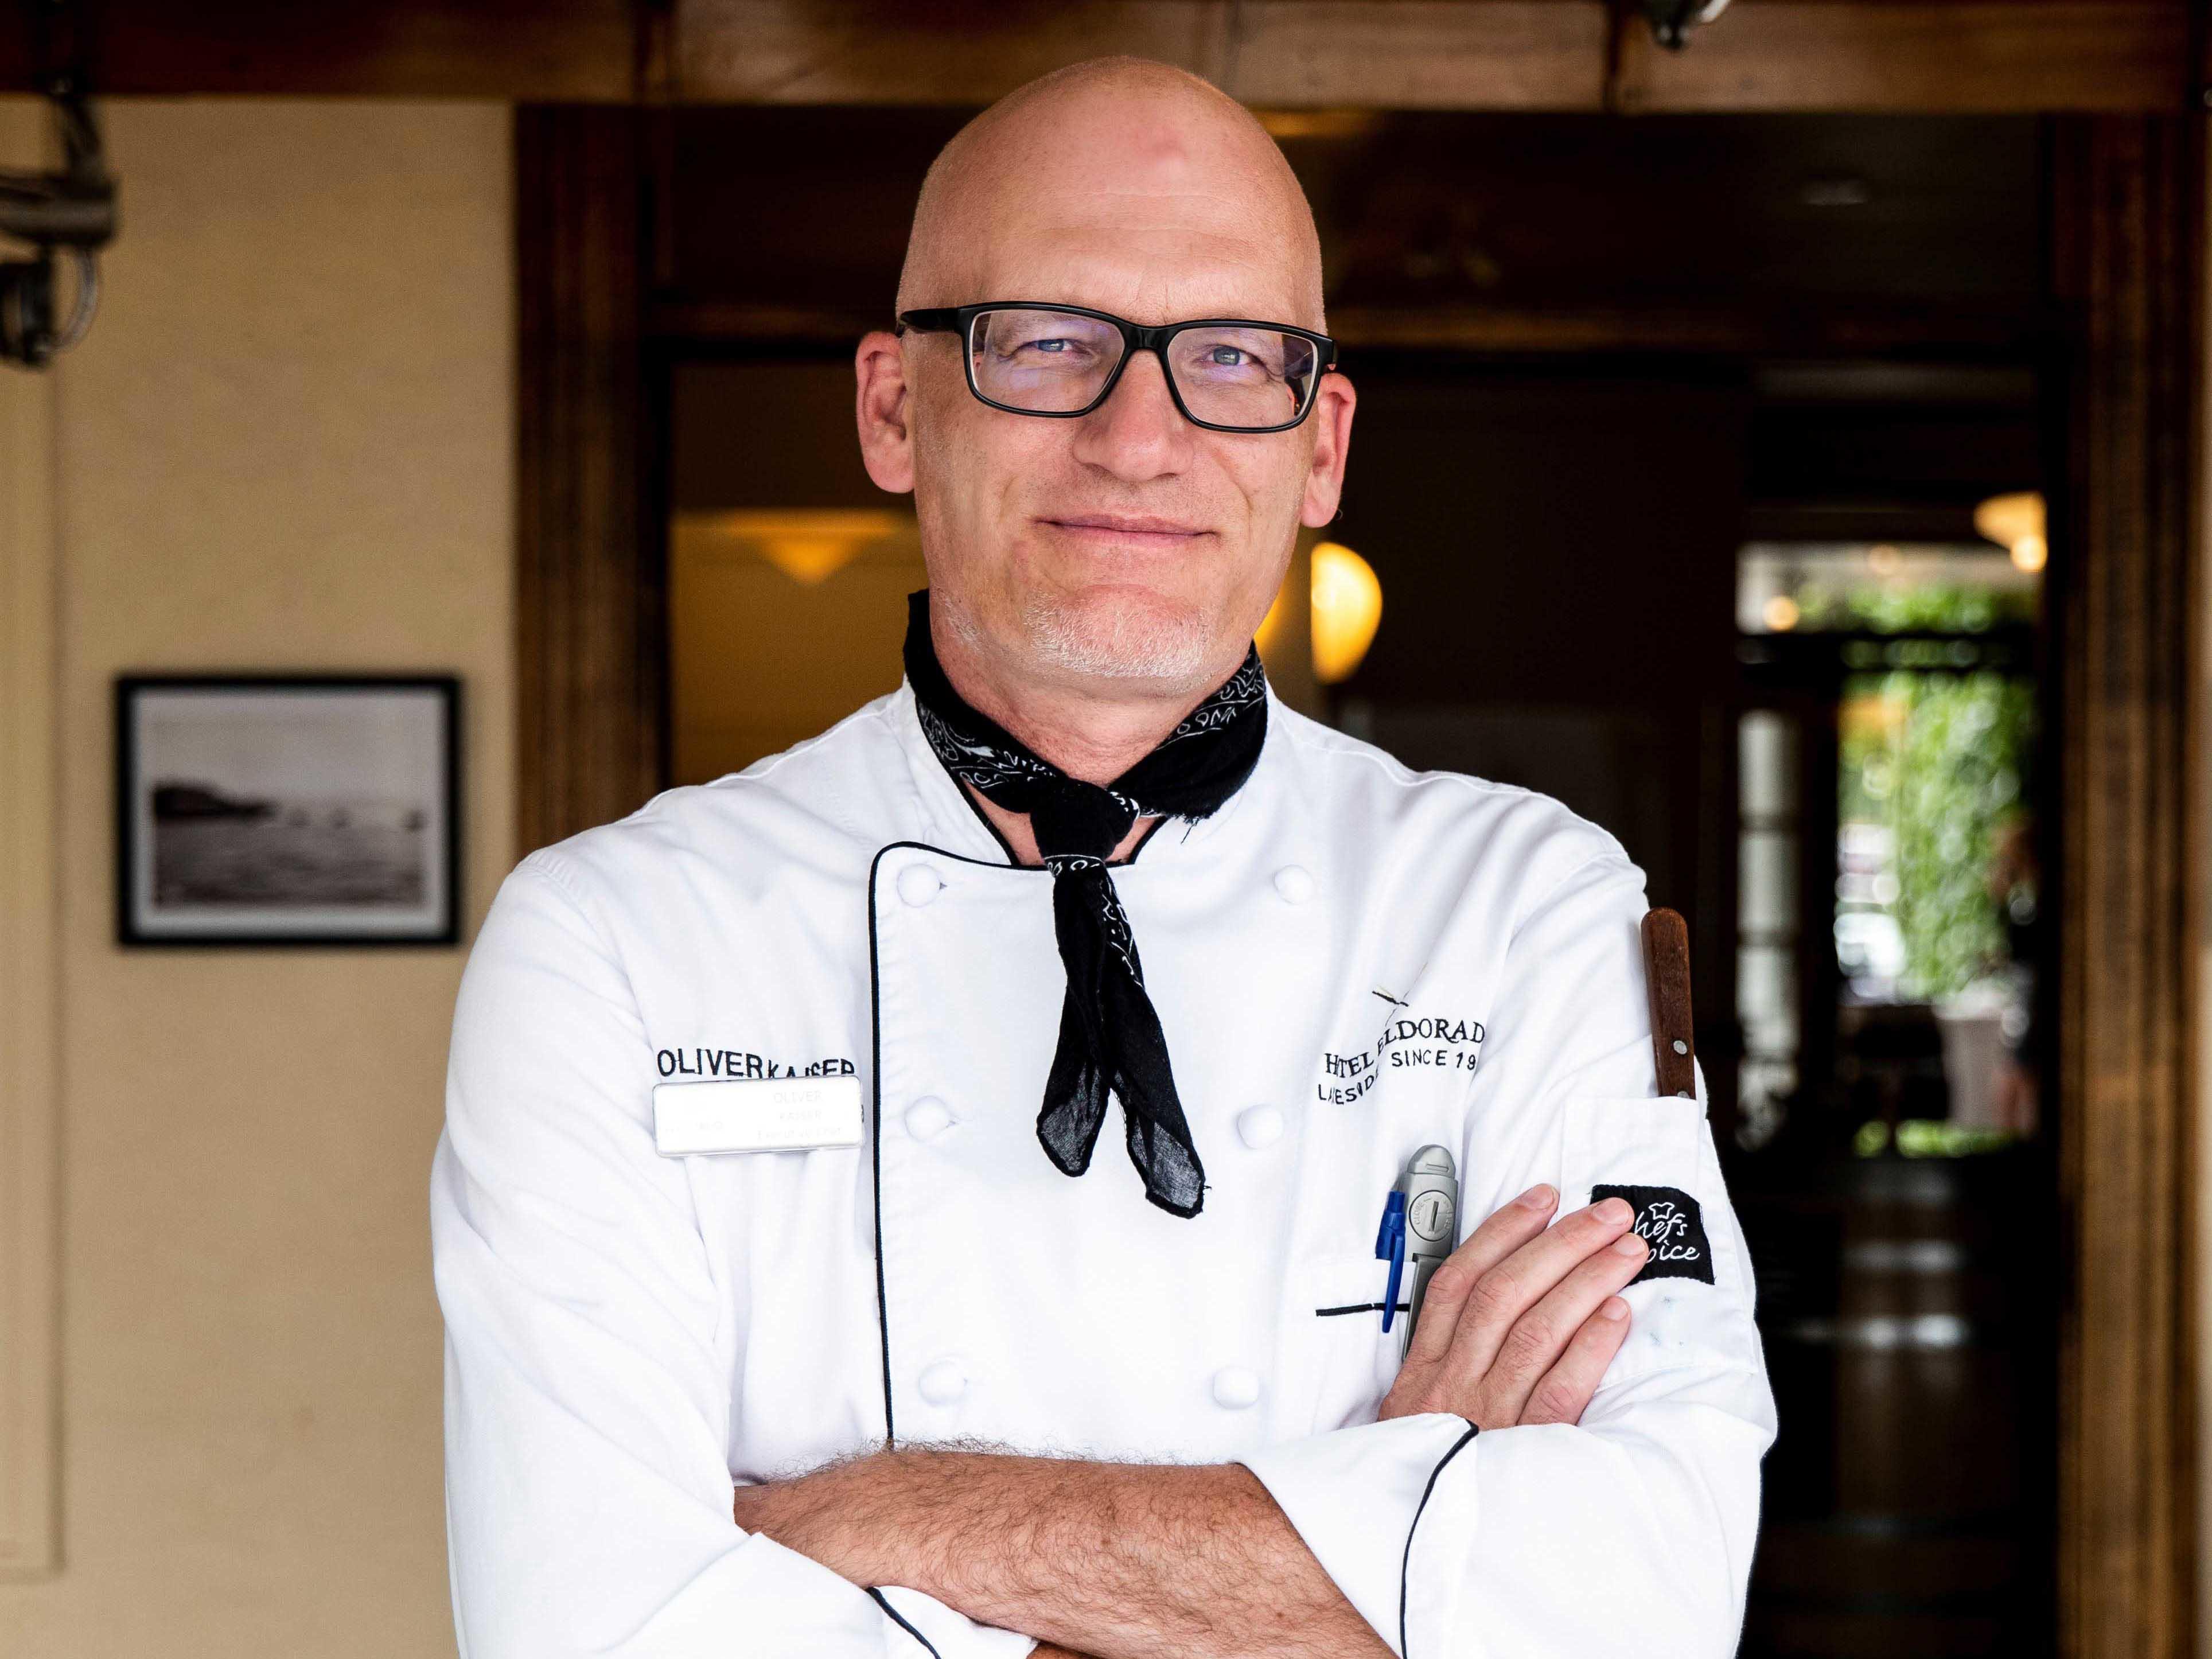 Chef Oliver Kaiser